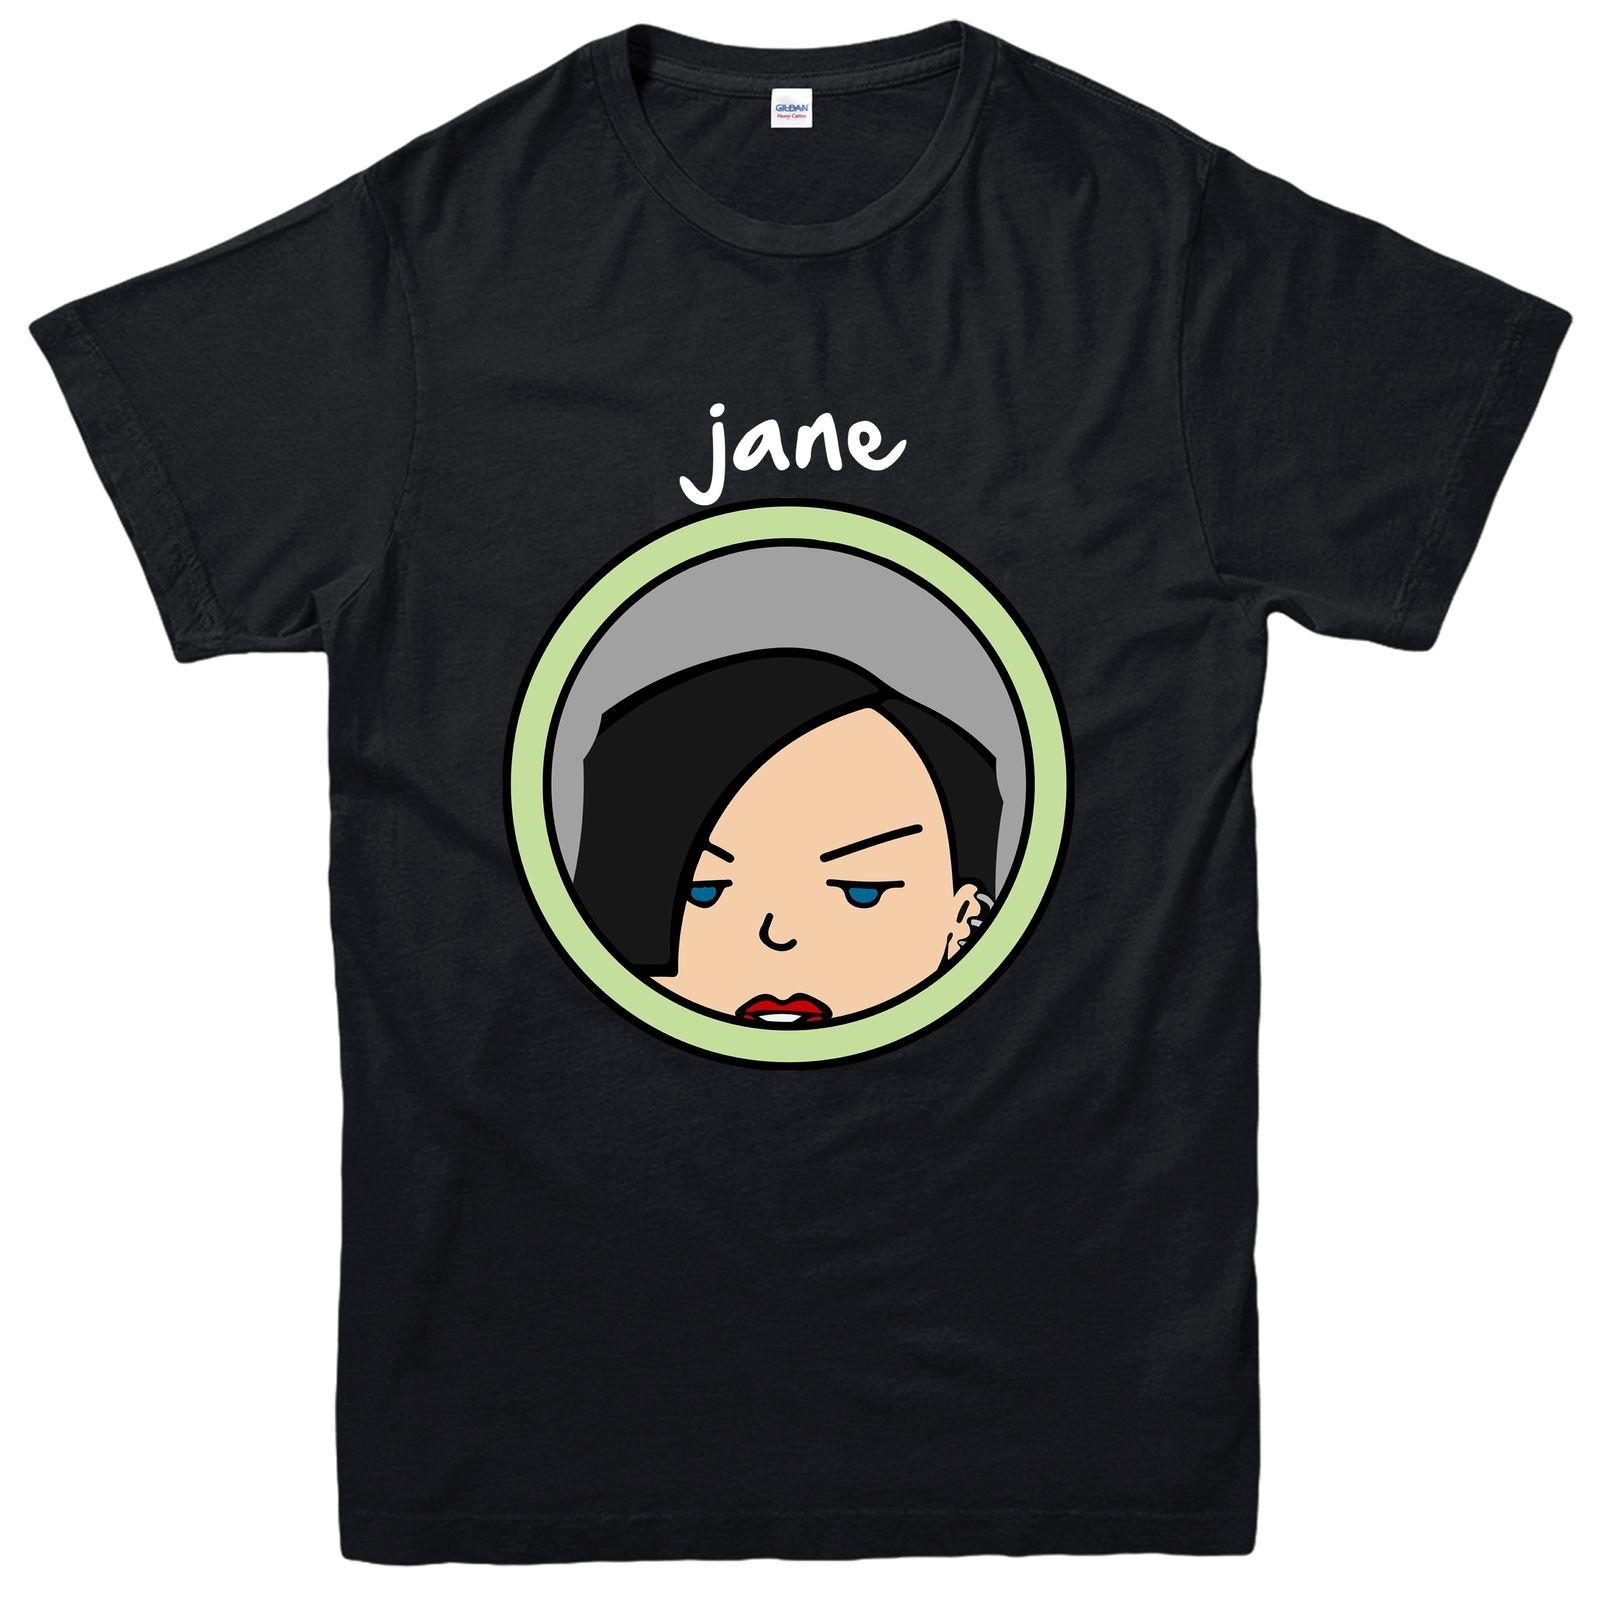 Camiseta Jane Lane, Is It Fall Yet Spoof, camiseta de diseño, Camisetas estampadas para hombre, camisetas de manga corta